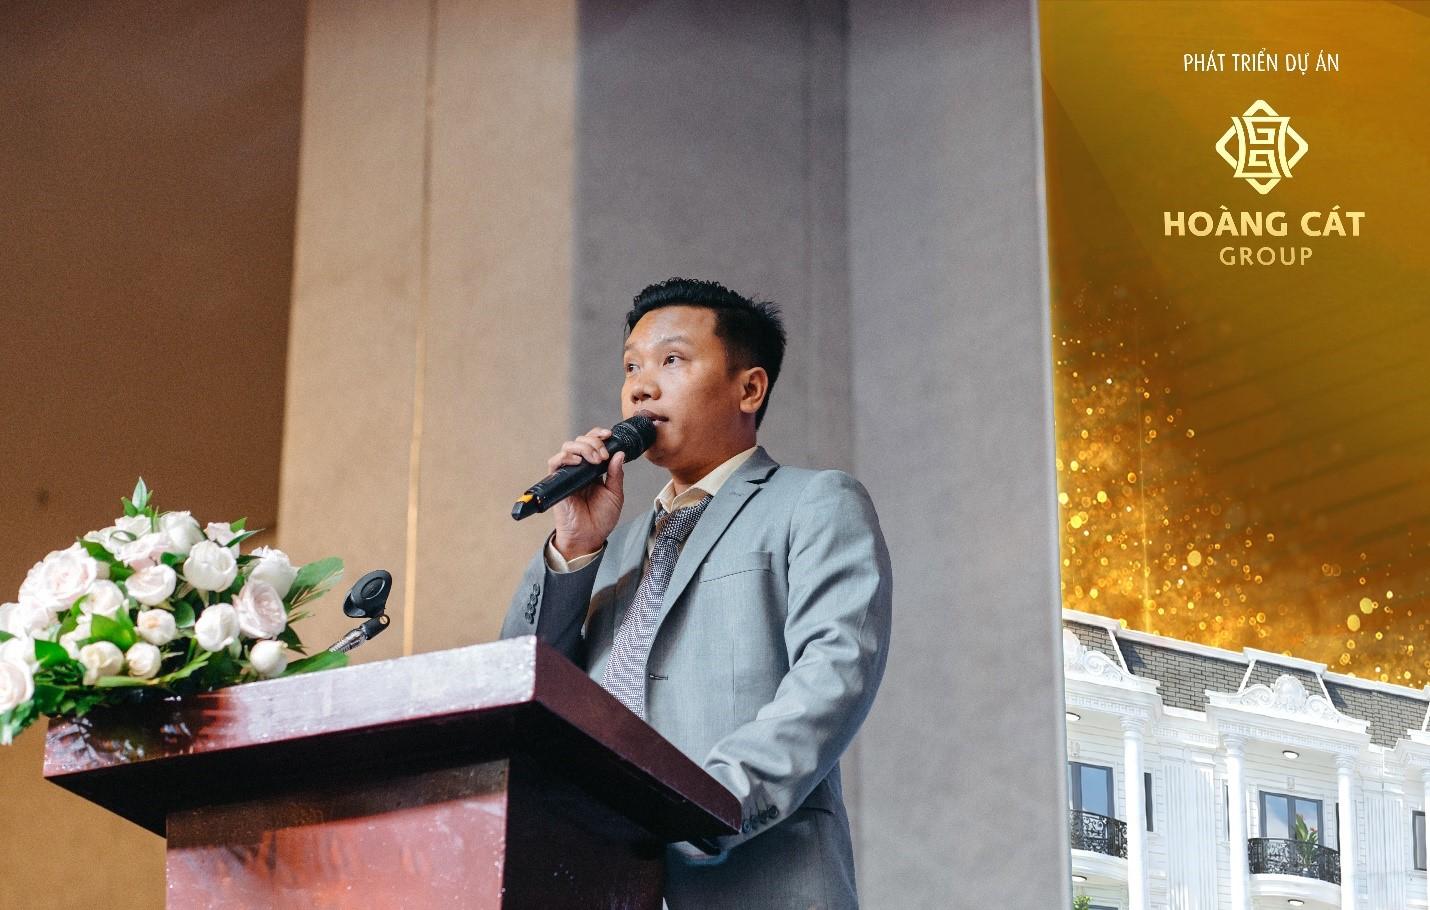 Ông Lê Công Hoàng – Chủ tịch HĐQT kiêm TGĐ tập đoàn phát biểu khai mạc